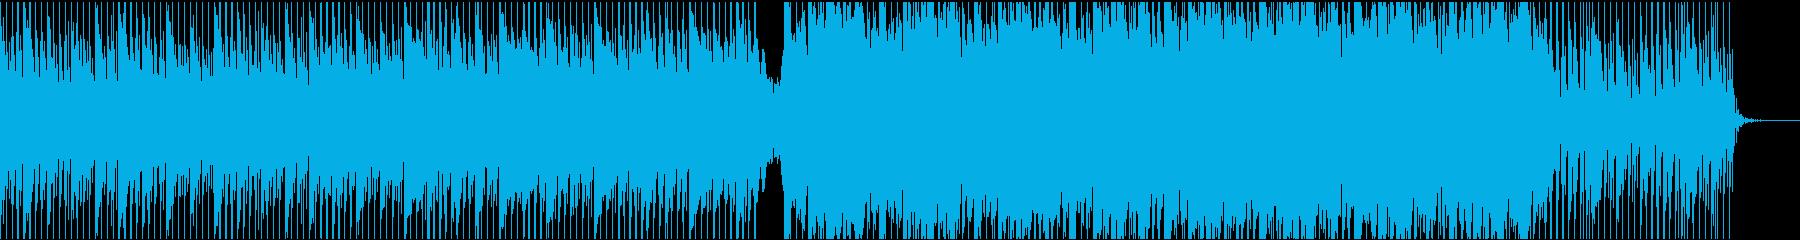 疾走系コーポレートの再生済みの波形